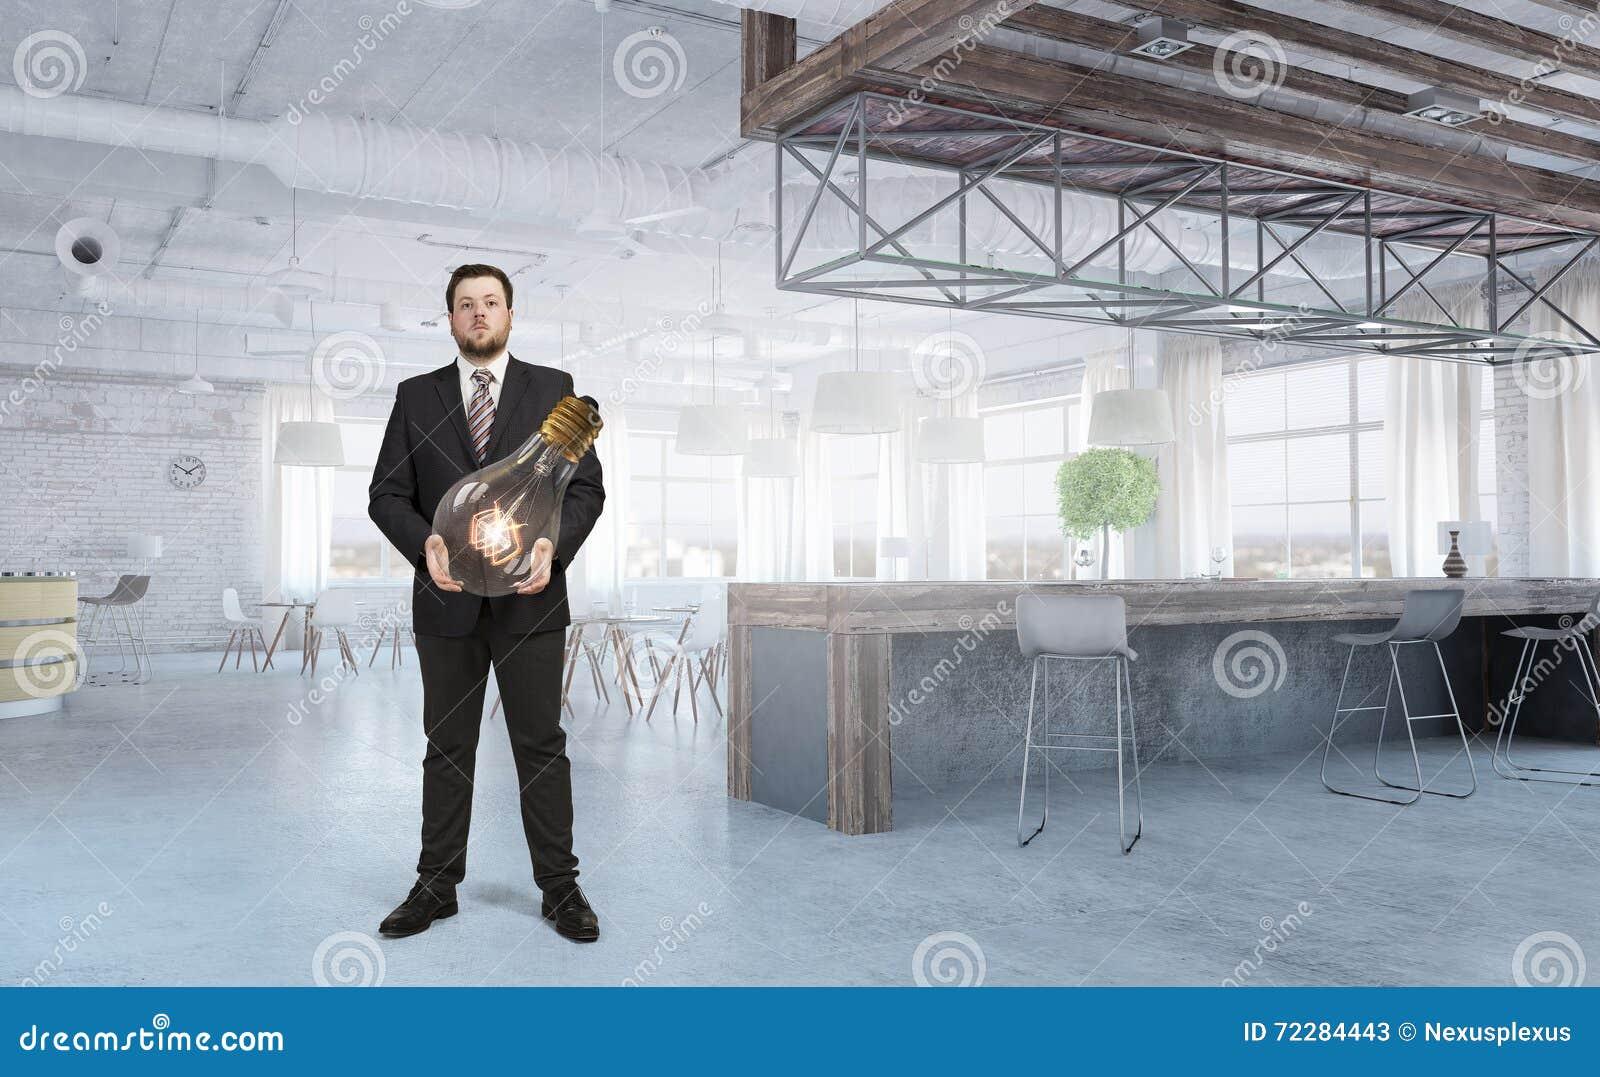 Download Он уносит идею стоковое изображение. изображение насчитывающей светильник - 72284443